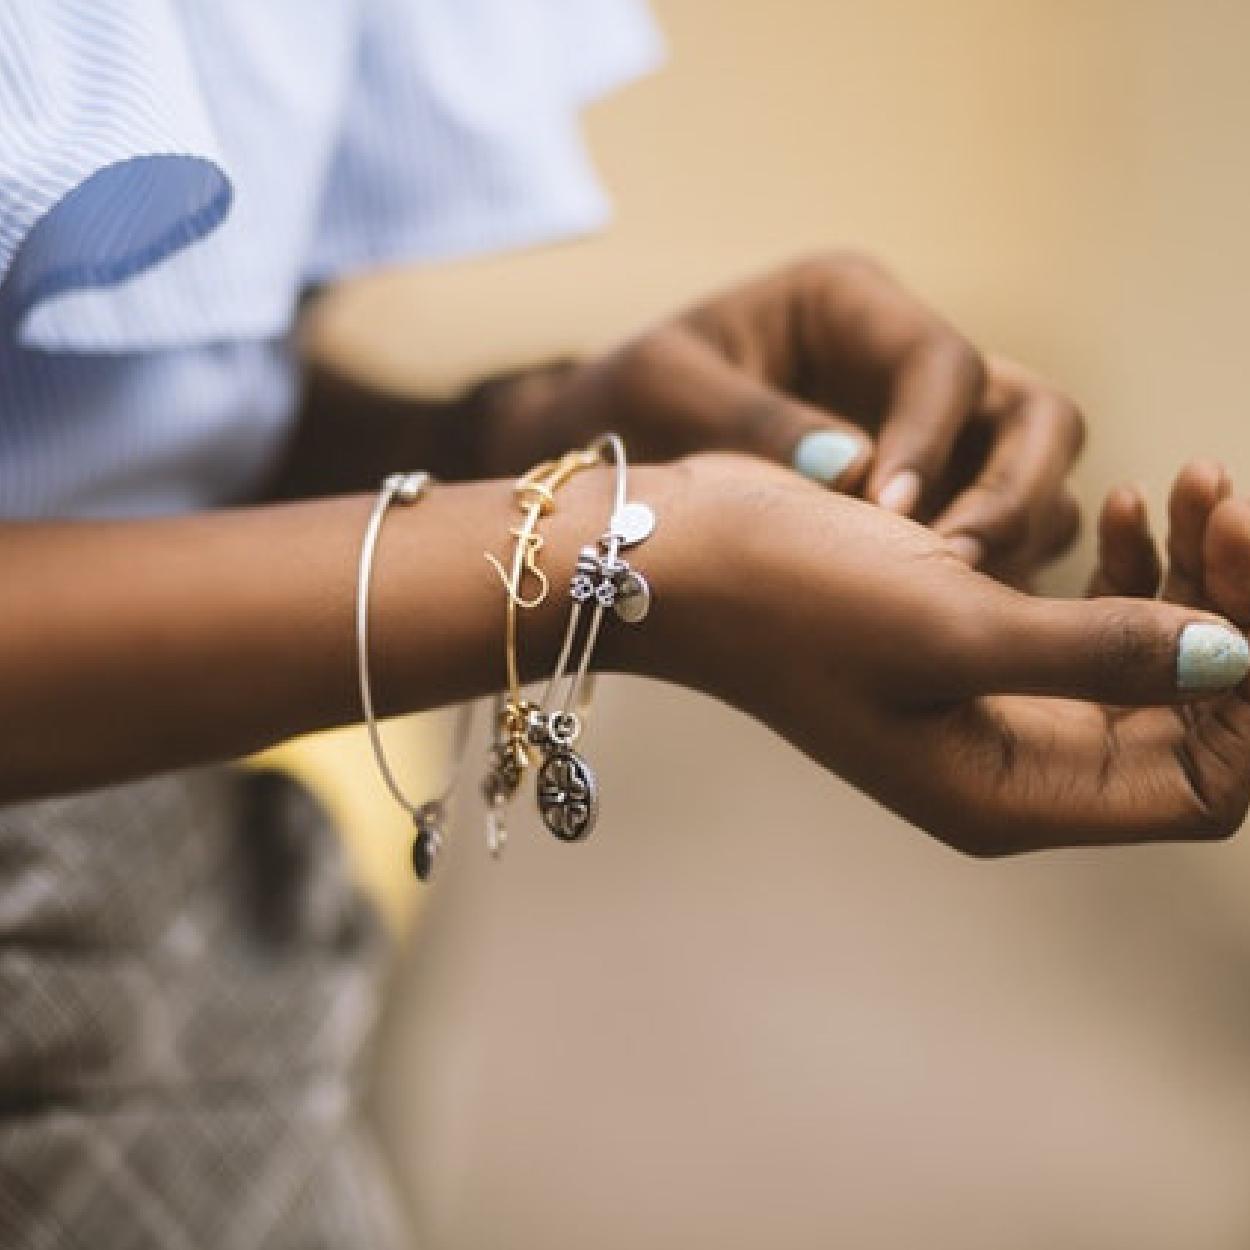 Side Hustle Series Interview: My Jewelry Side Hustle